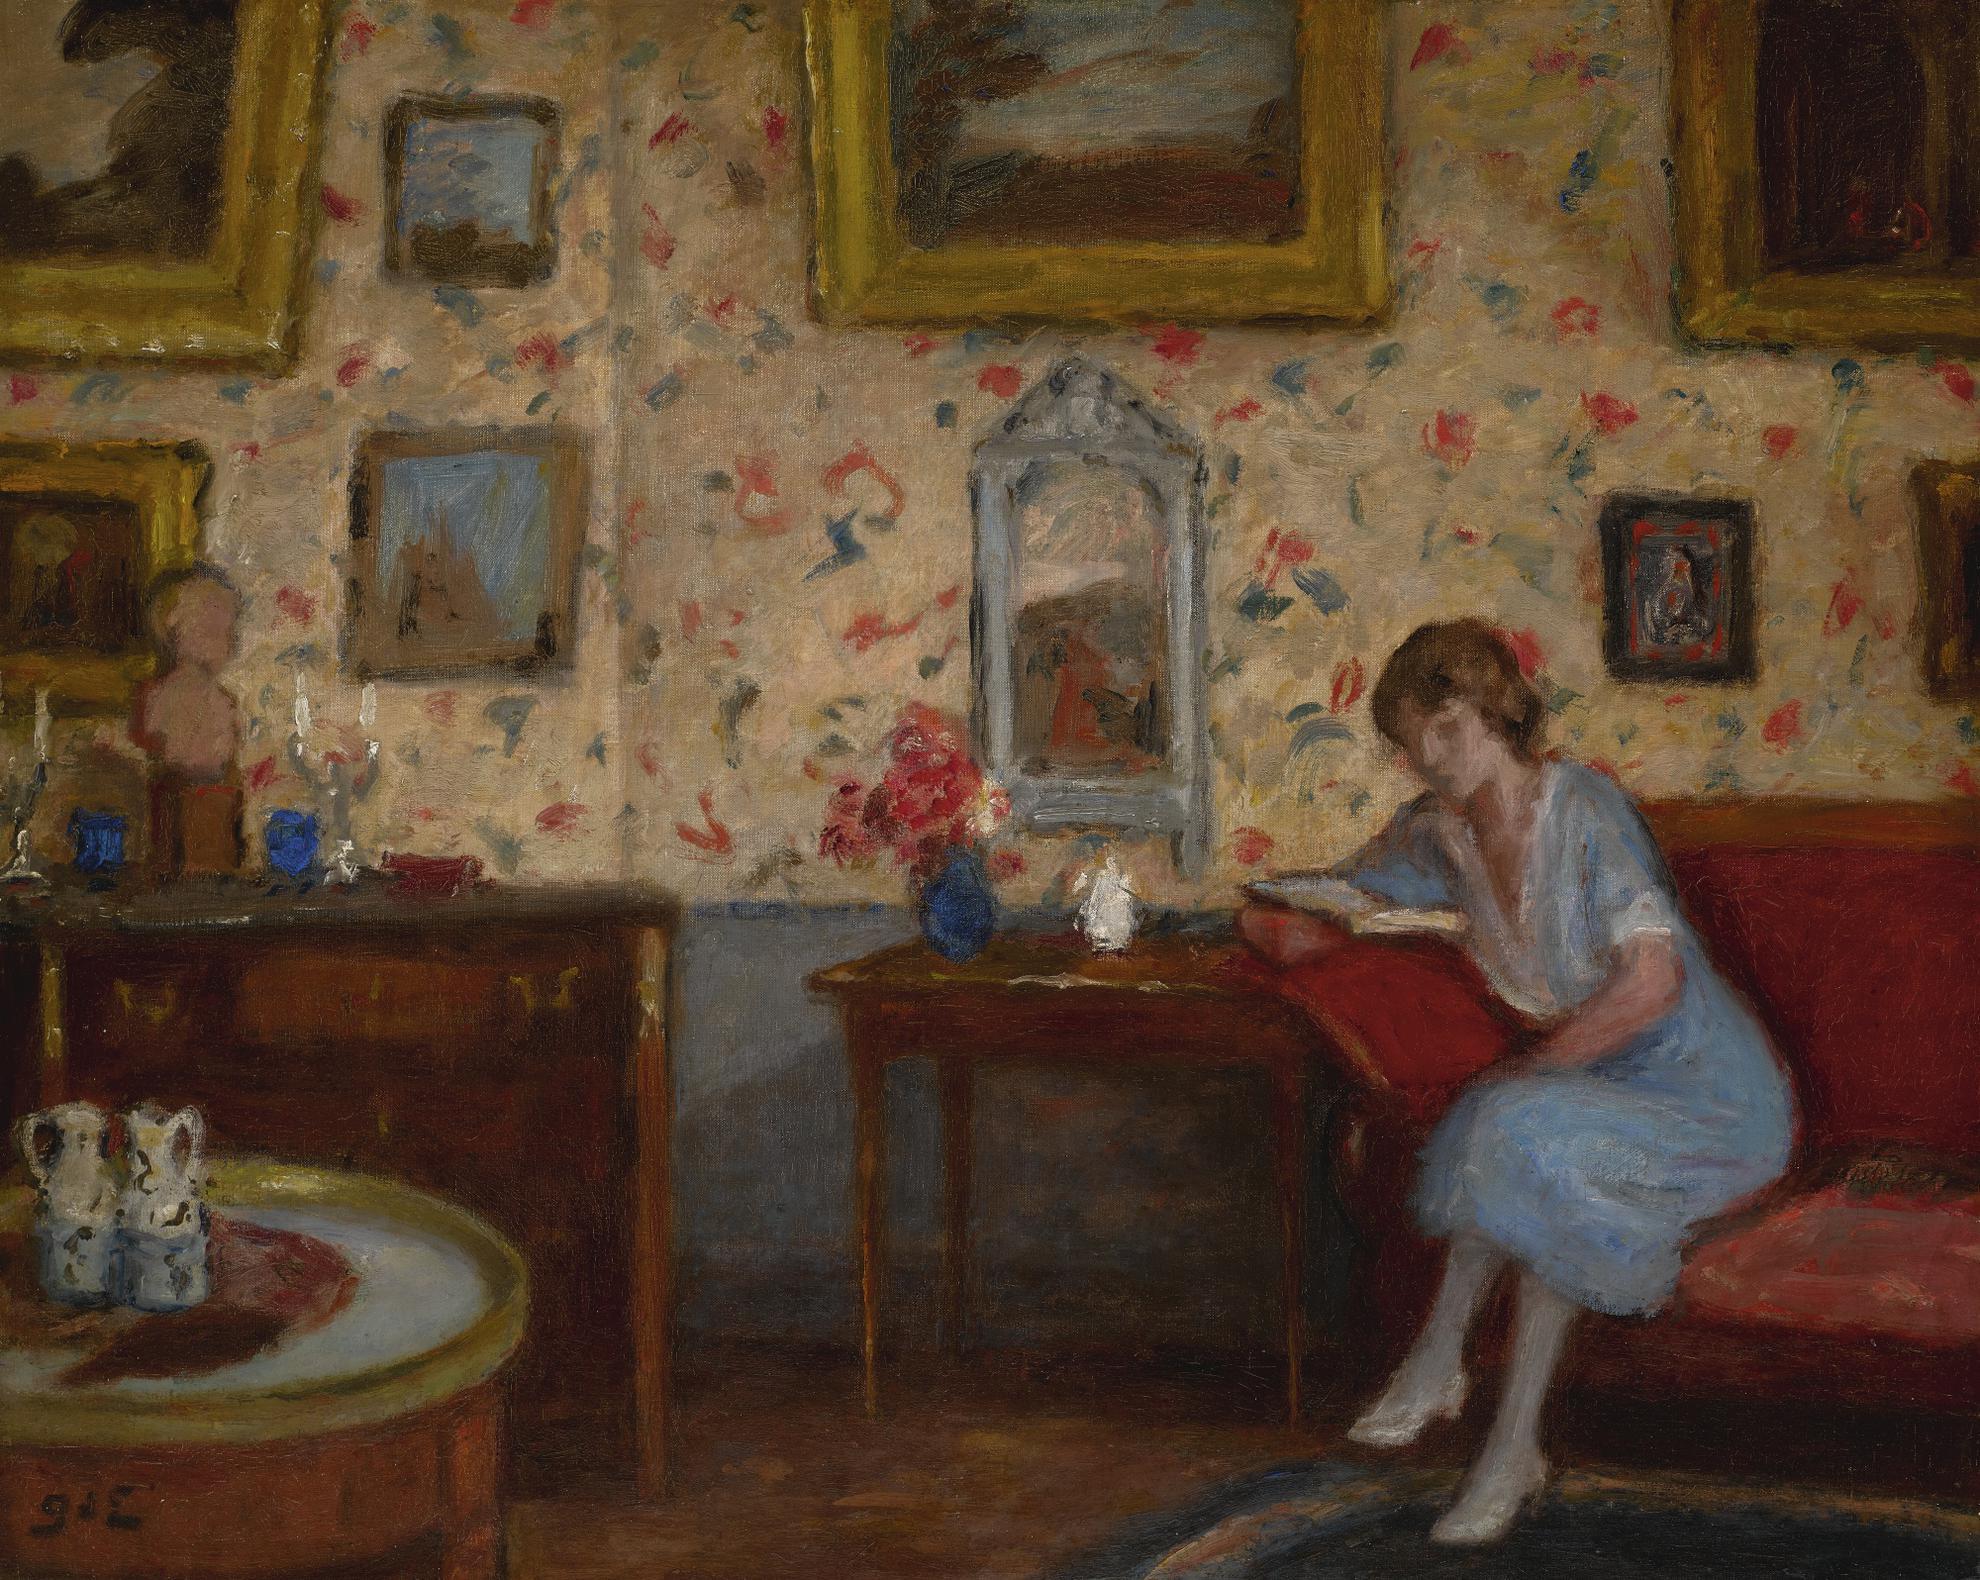 Georges d'Espagnat-Femme Lisant Dans Un Interieur-